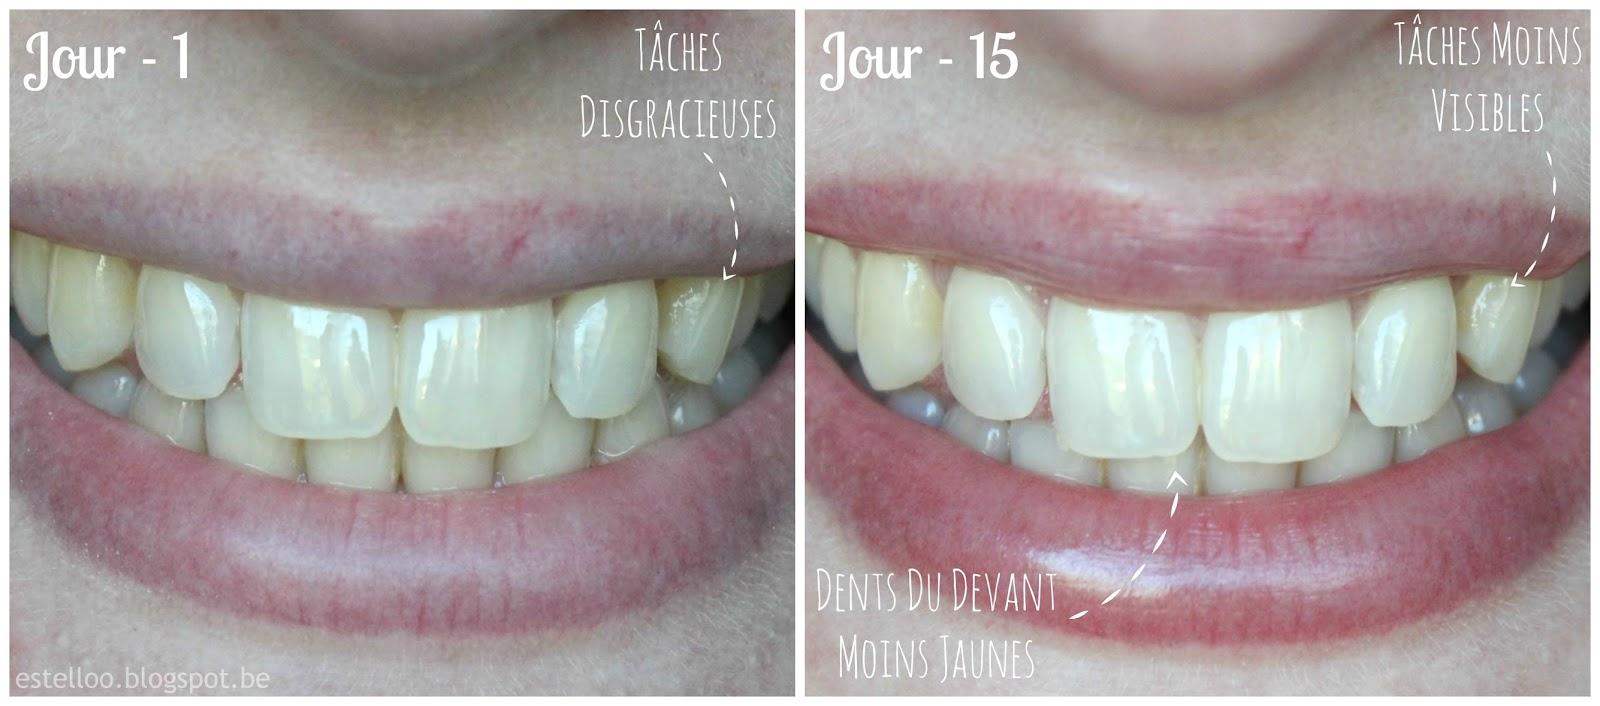 bicarbonate de soude dents tous les jours